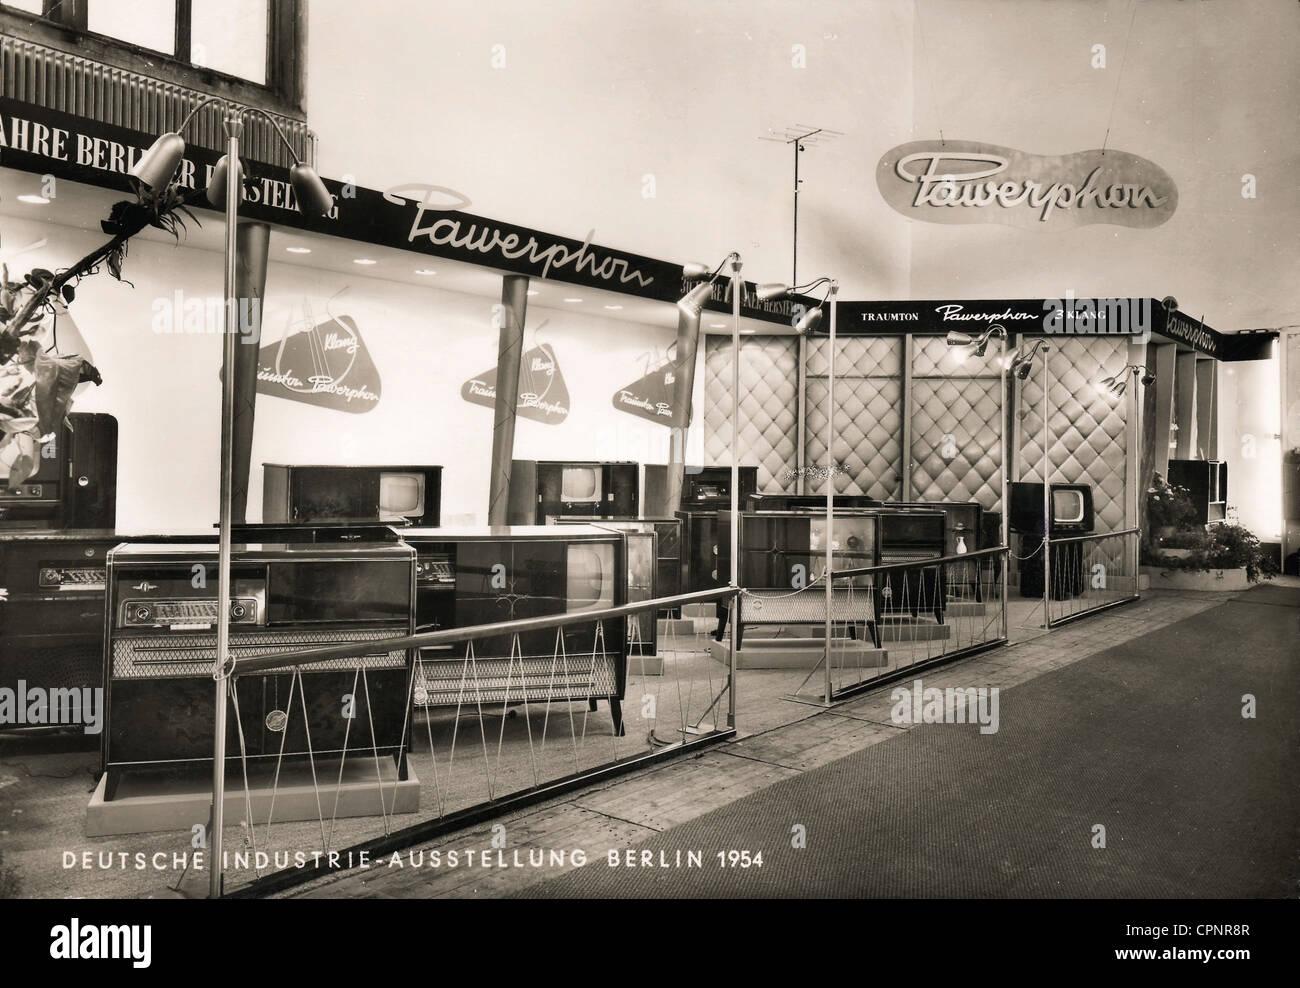 Ausstellungen, Messe Industrie die deutsche Industrie Ausstellung, stand der Pawerphon Unternehmen, Hersteller von Stockbild